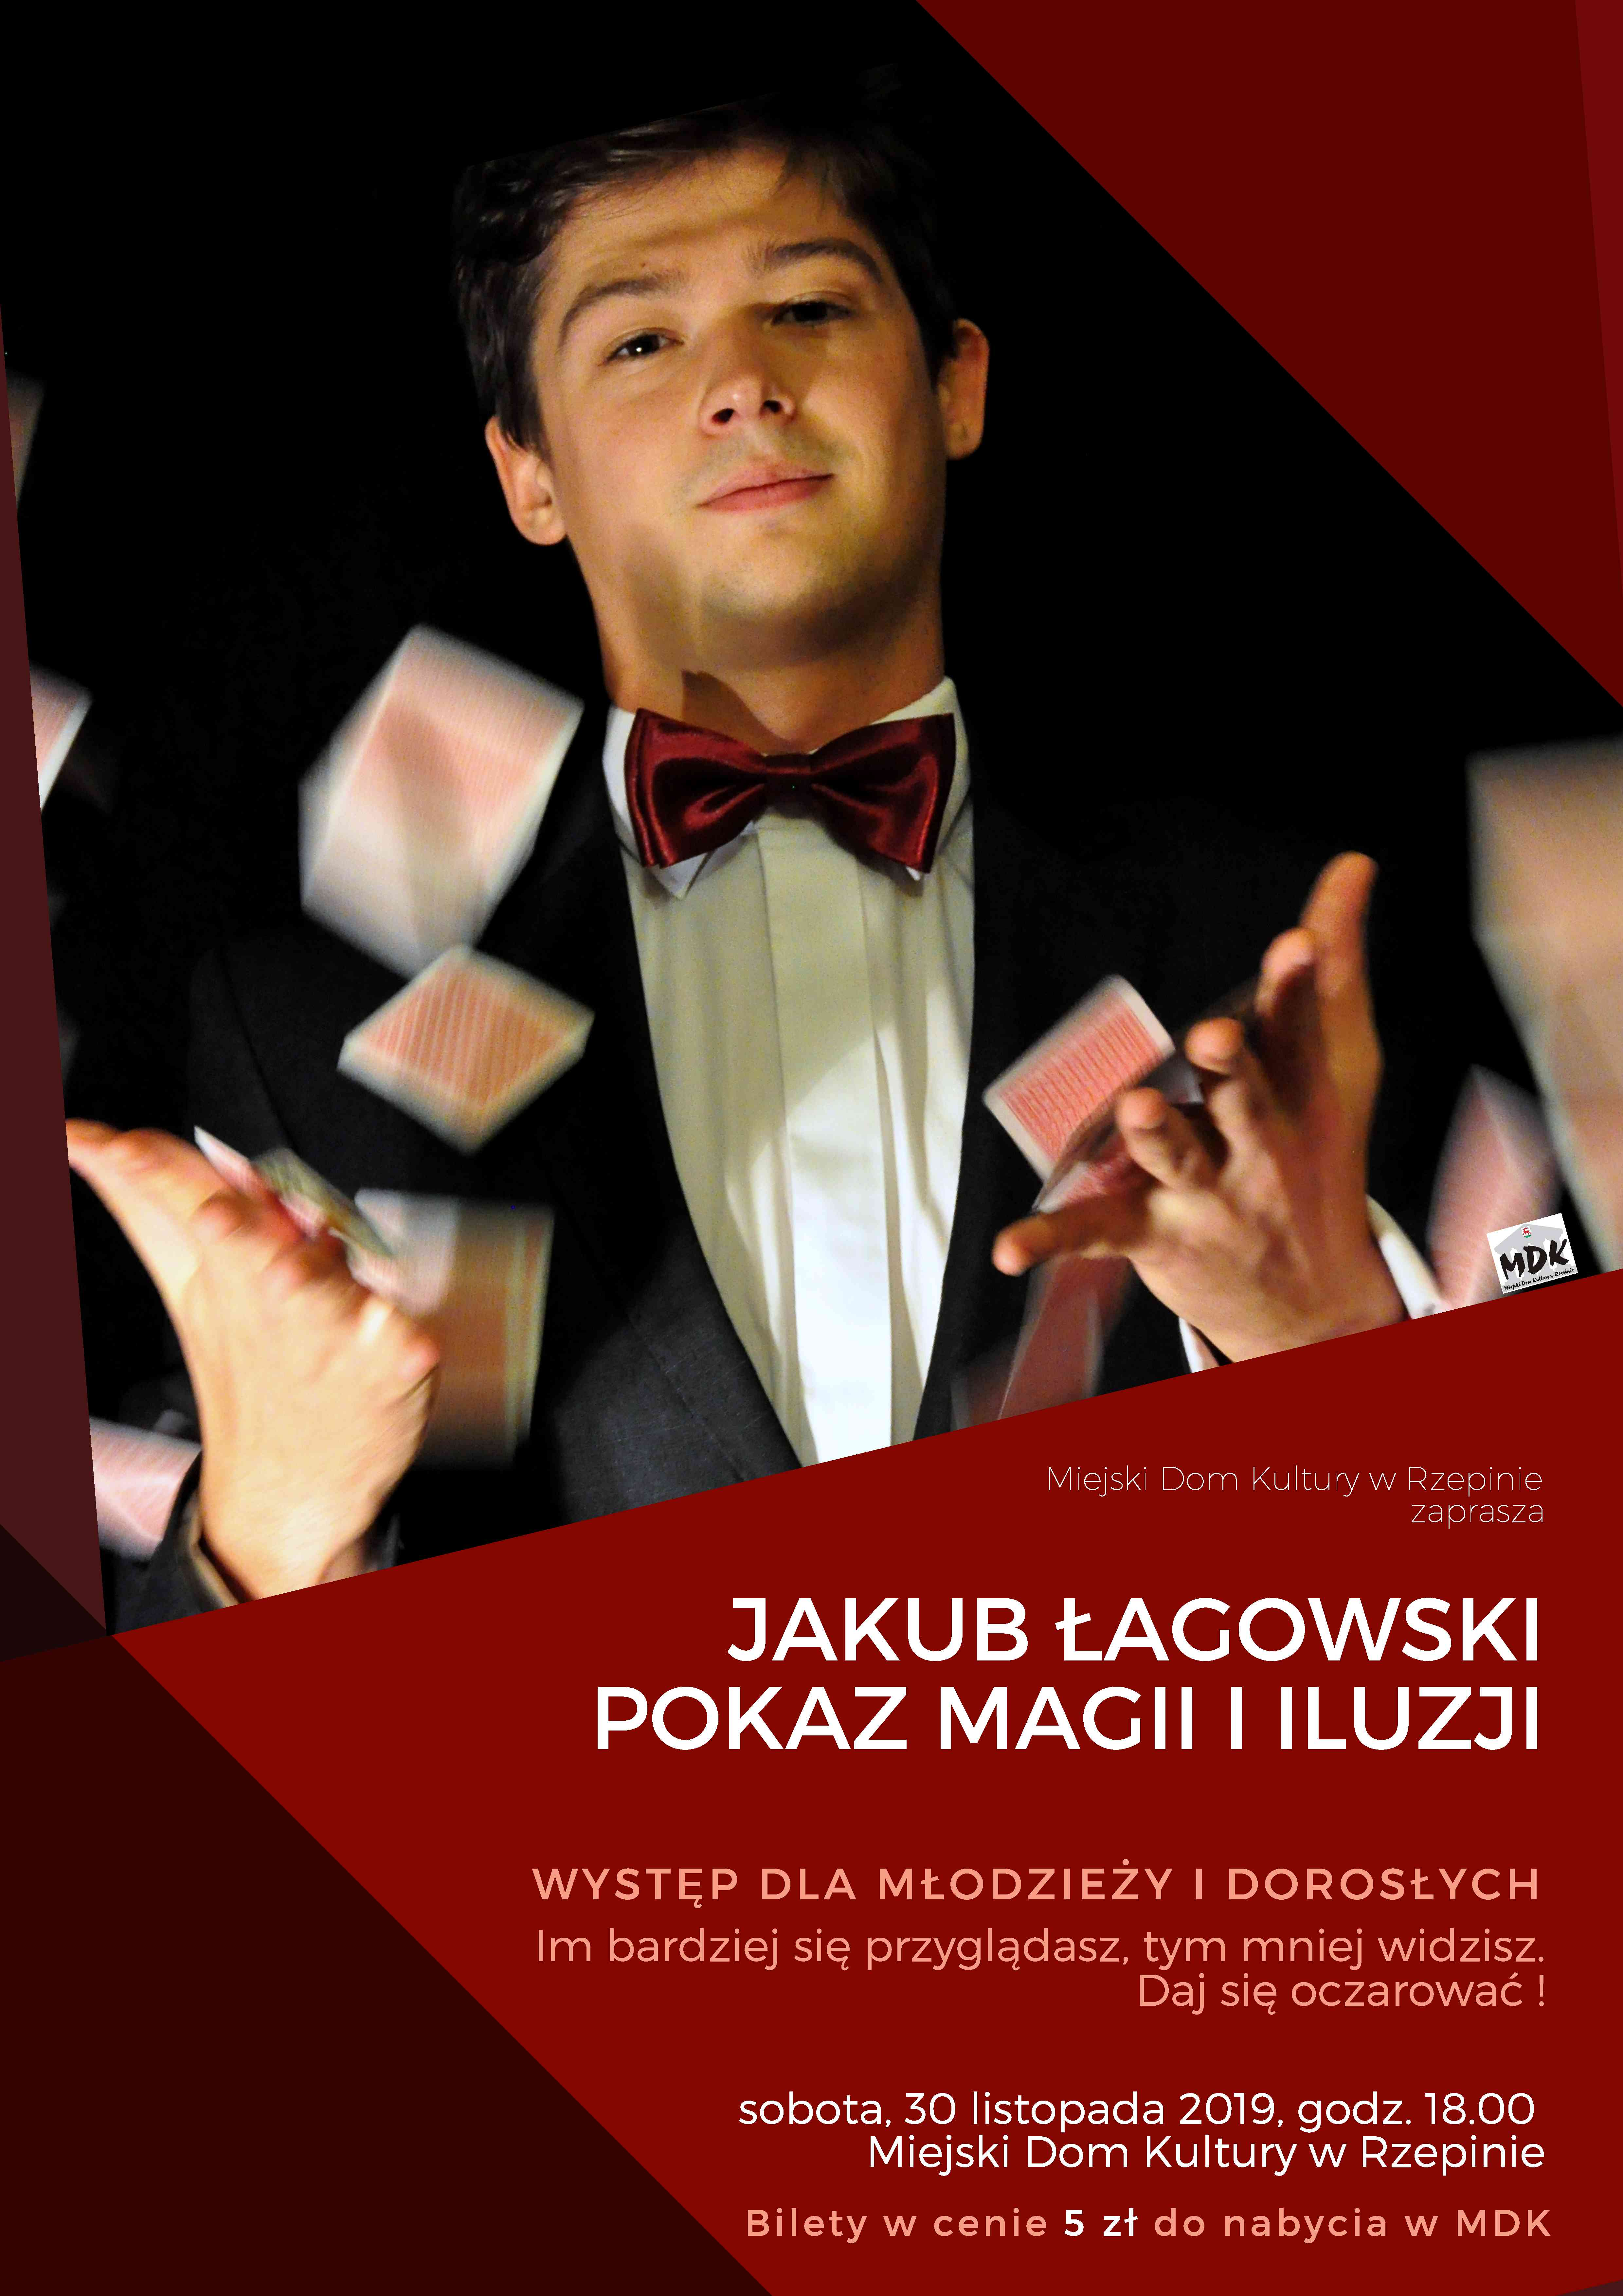 Ilustracja do informacji: Pokaz magii i iluzji w wykonaniu Jakuba Łagowskiego!